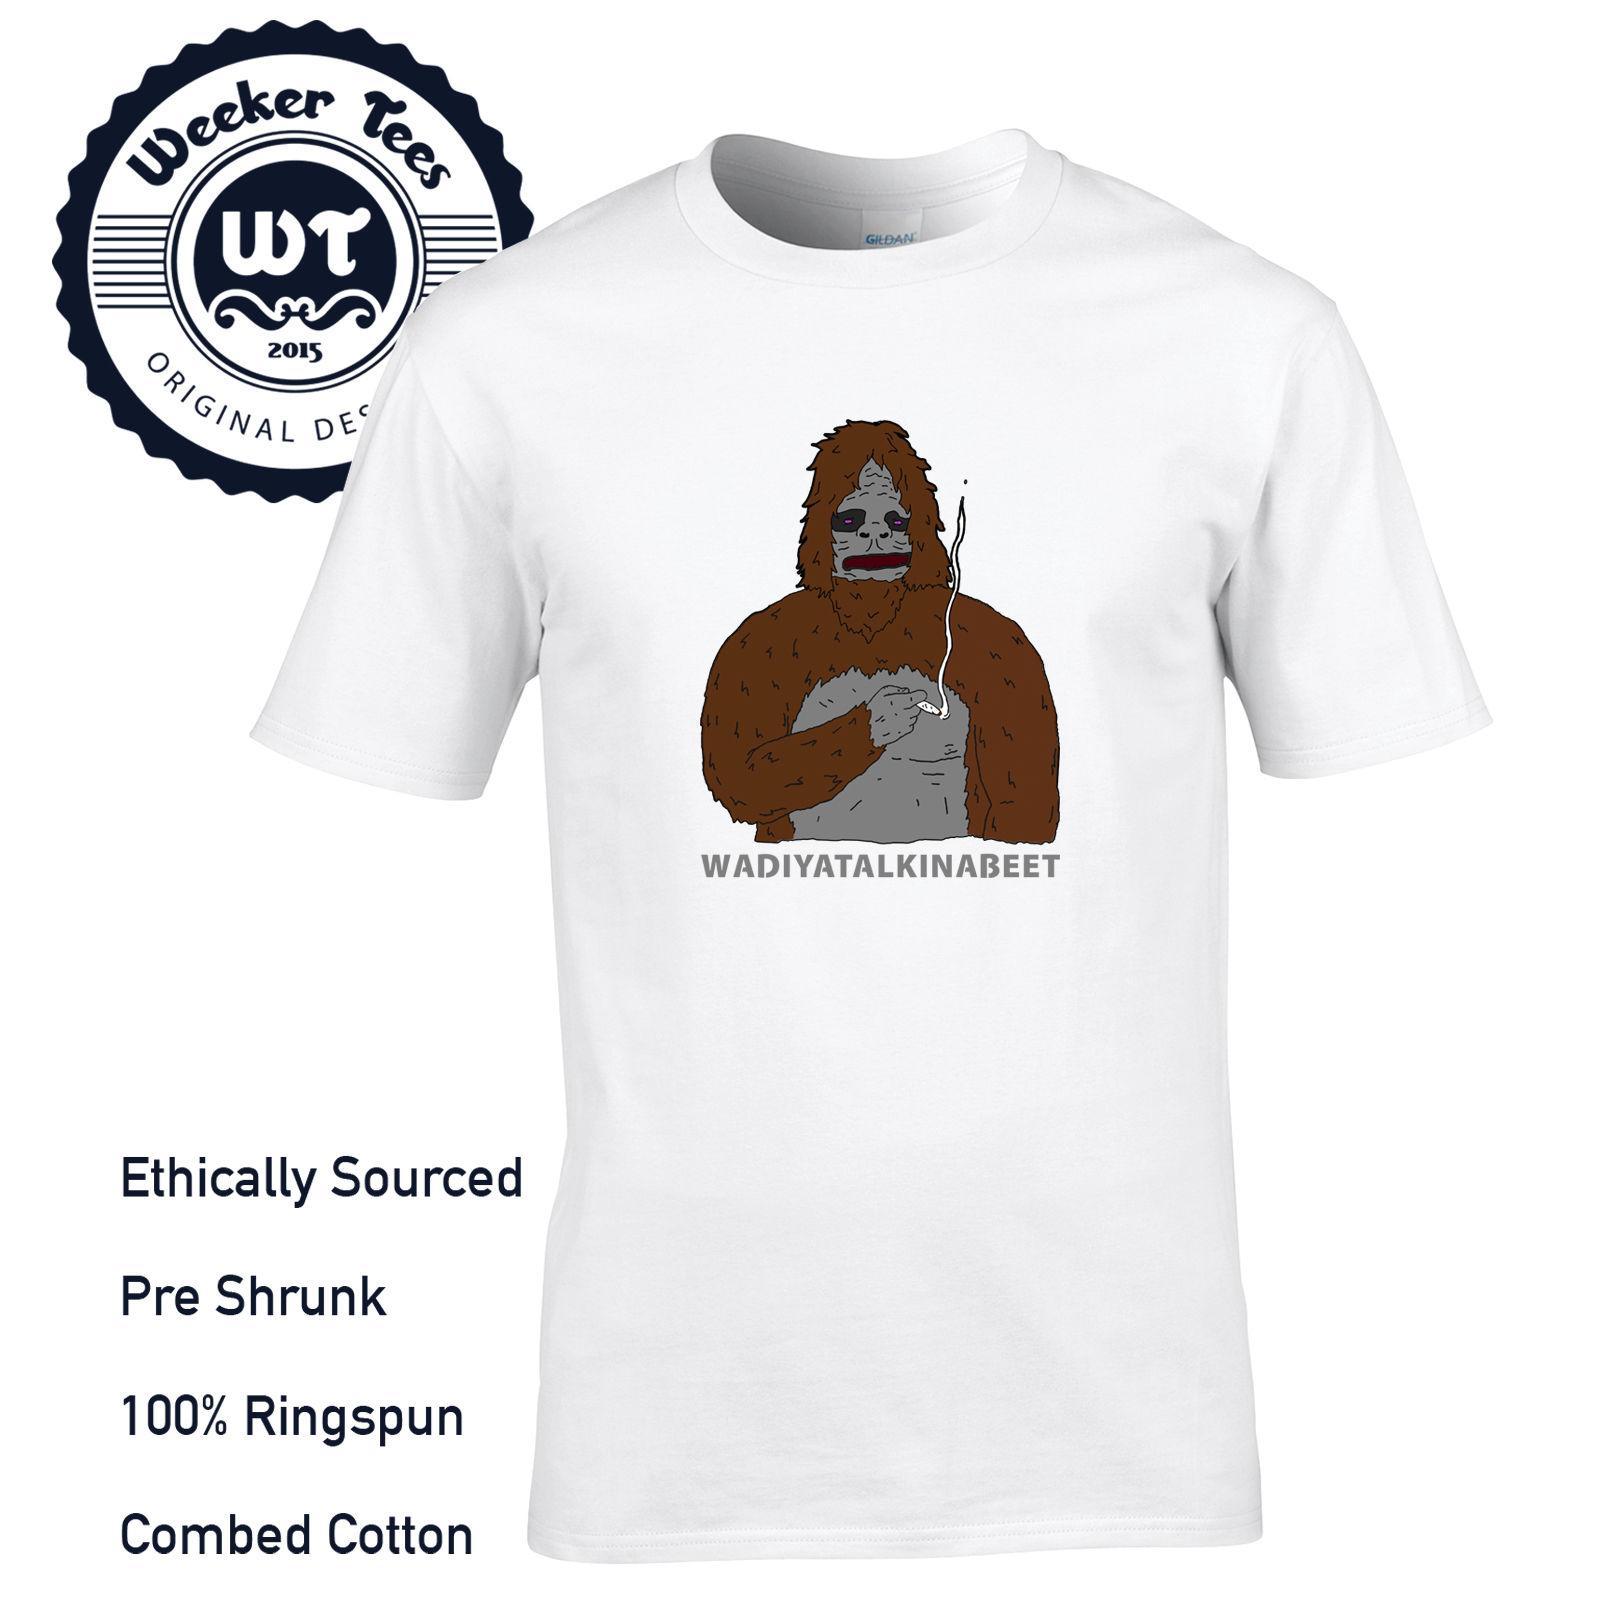 Sassy Le Sasquatch Tribute T-shirt Big Voir de Whatcha drôle Lez Mens S M L XL XXL imprimé t-shirts personnalisés, hip hop tee drôle